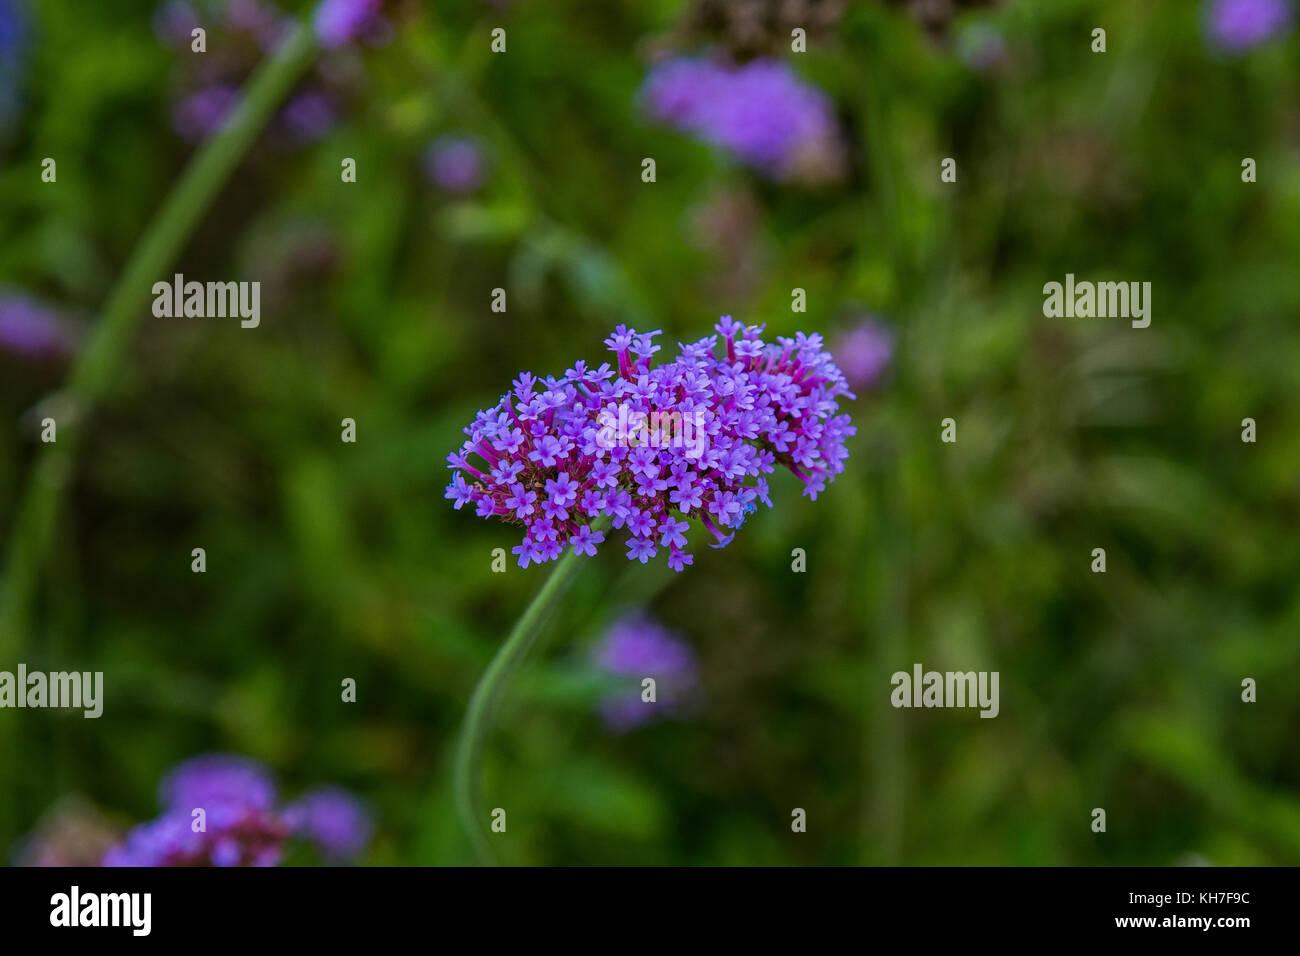 Piccoli Fiori Viola.Una Ripresa Macro Di Un Cluster Di Piccoli Fiori Viola Foto